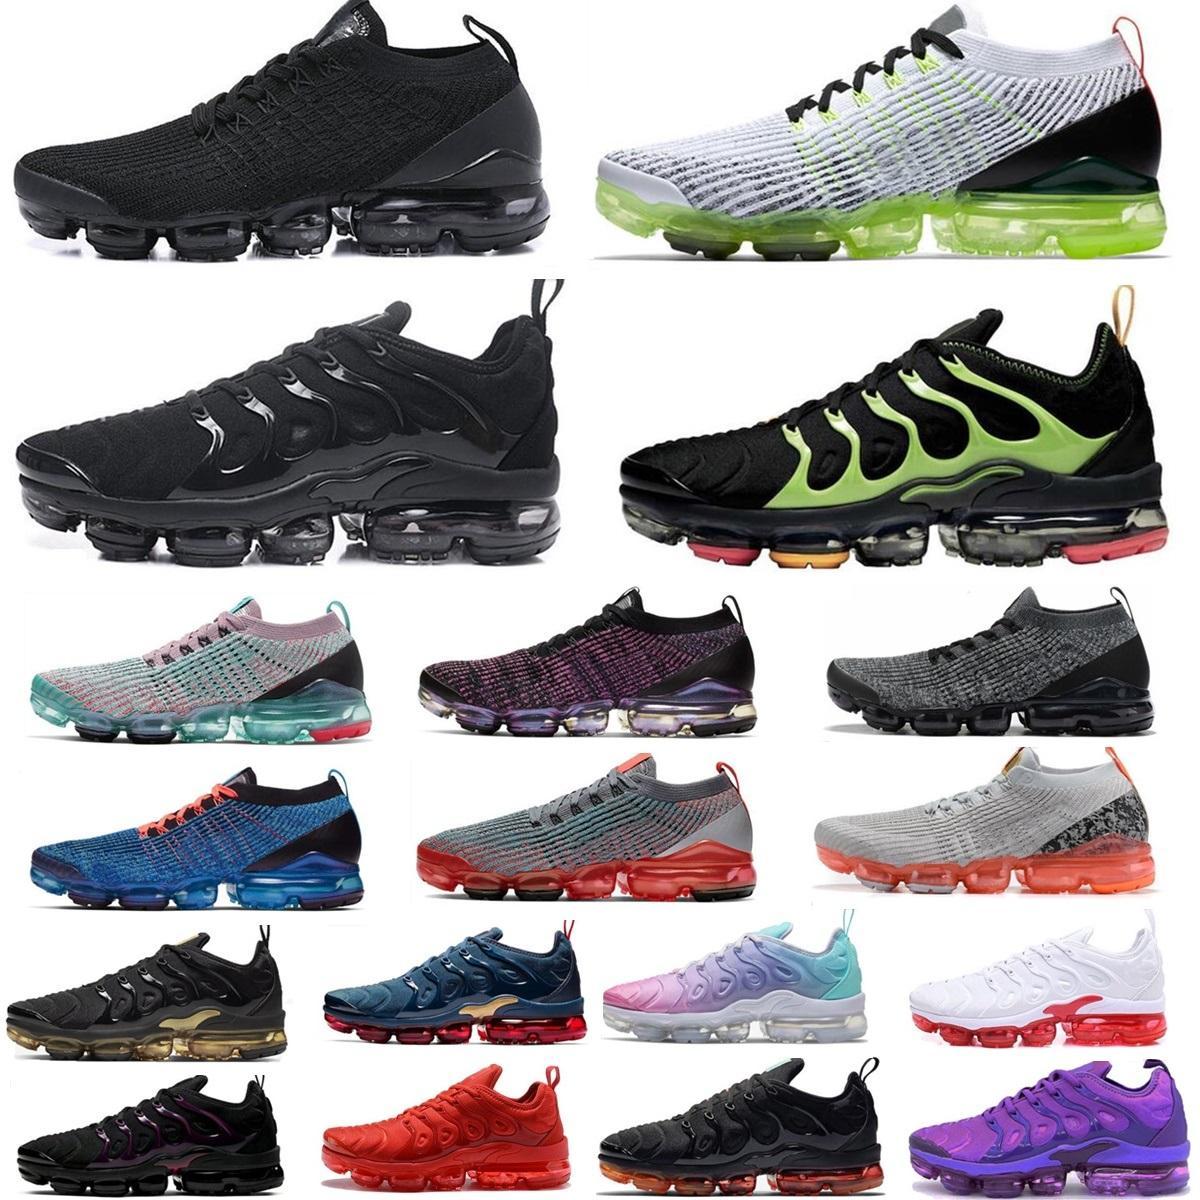 2021 Neueste FK 2.0 3.0 Plus Sportschuhe 2019 TN plus einen von einem günstigen Preis Laufschuh Großhandel Männer Frauen Trainer Multi-Color Sneakers